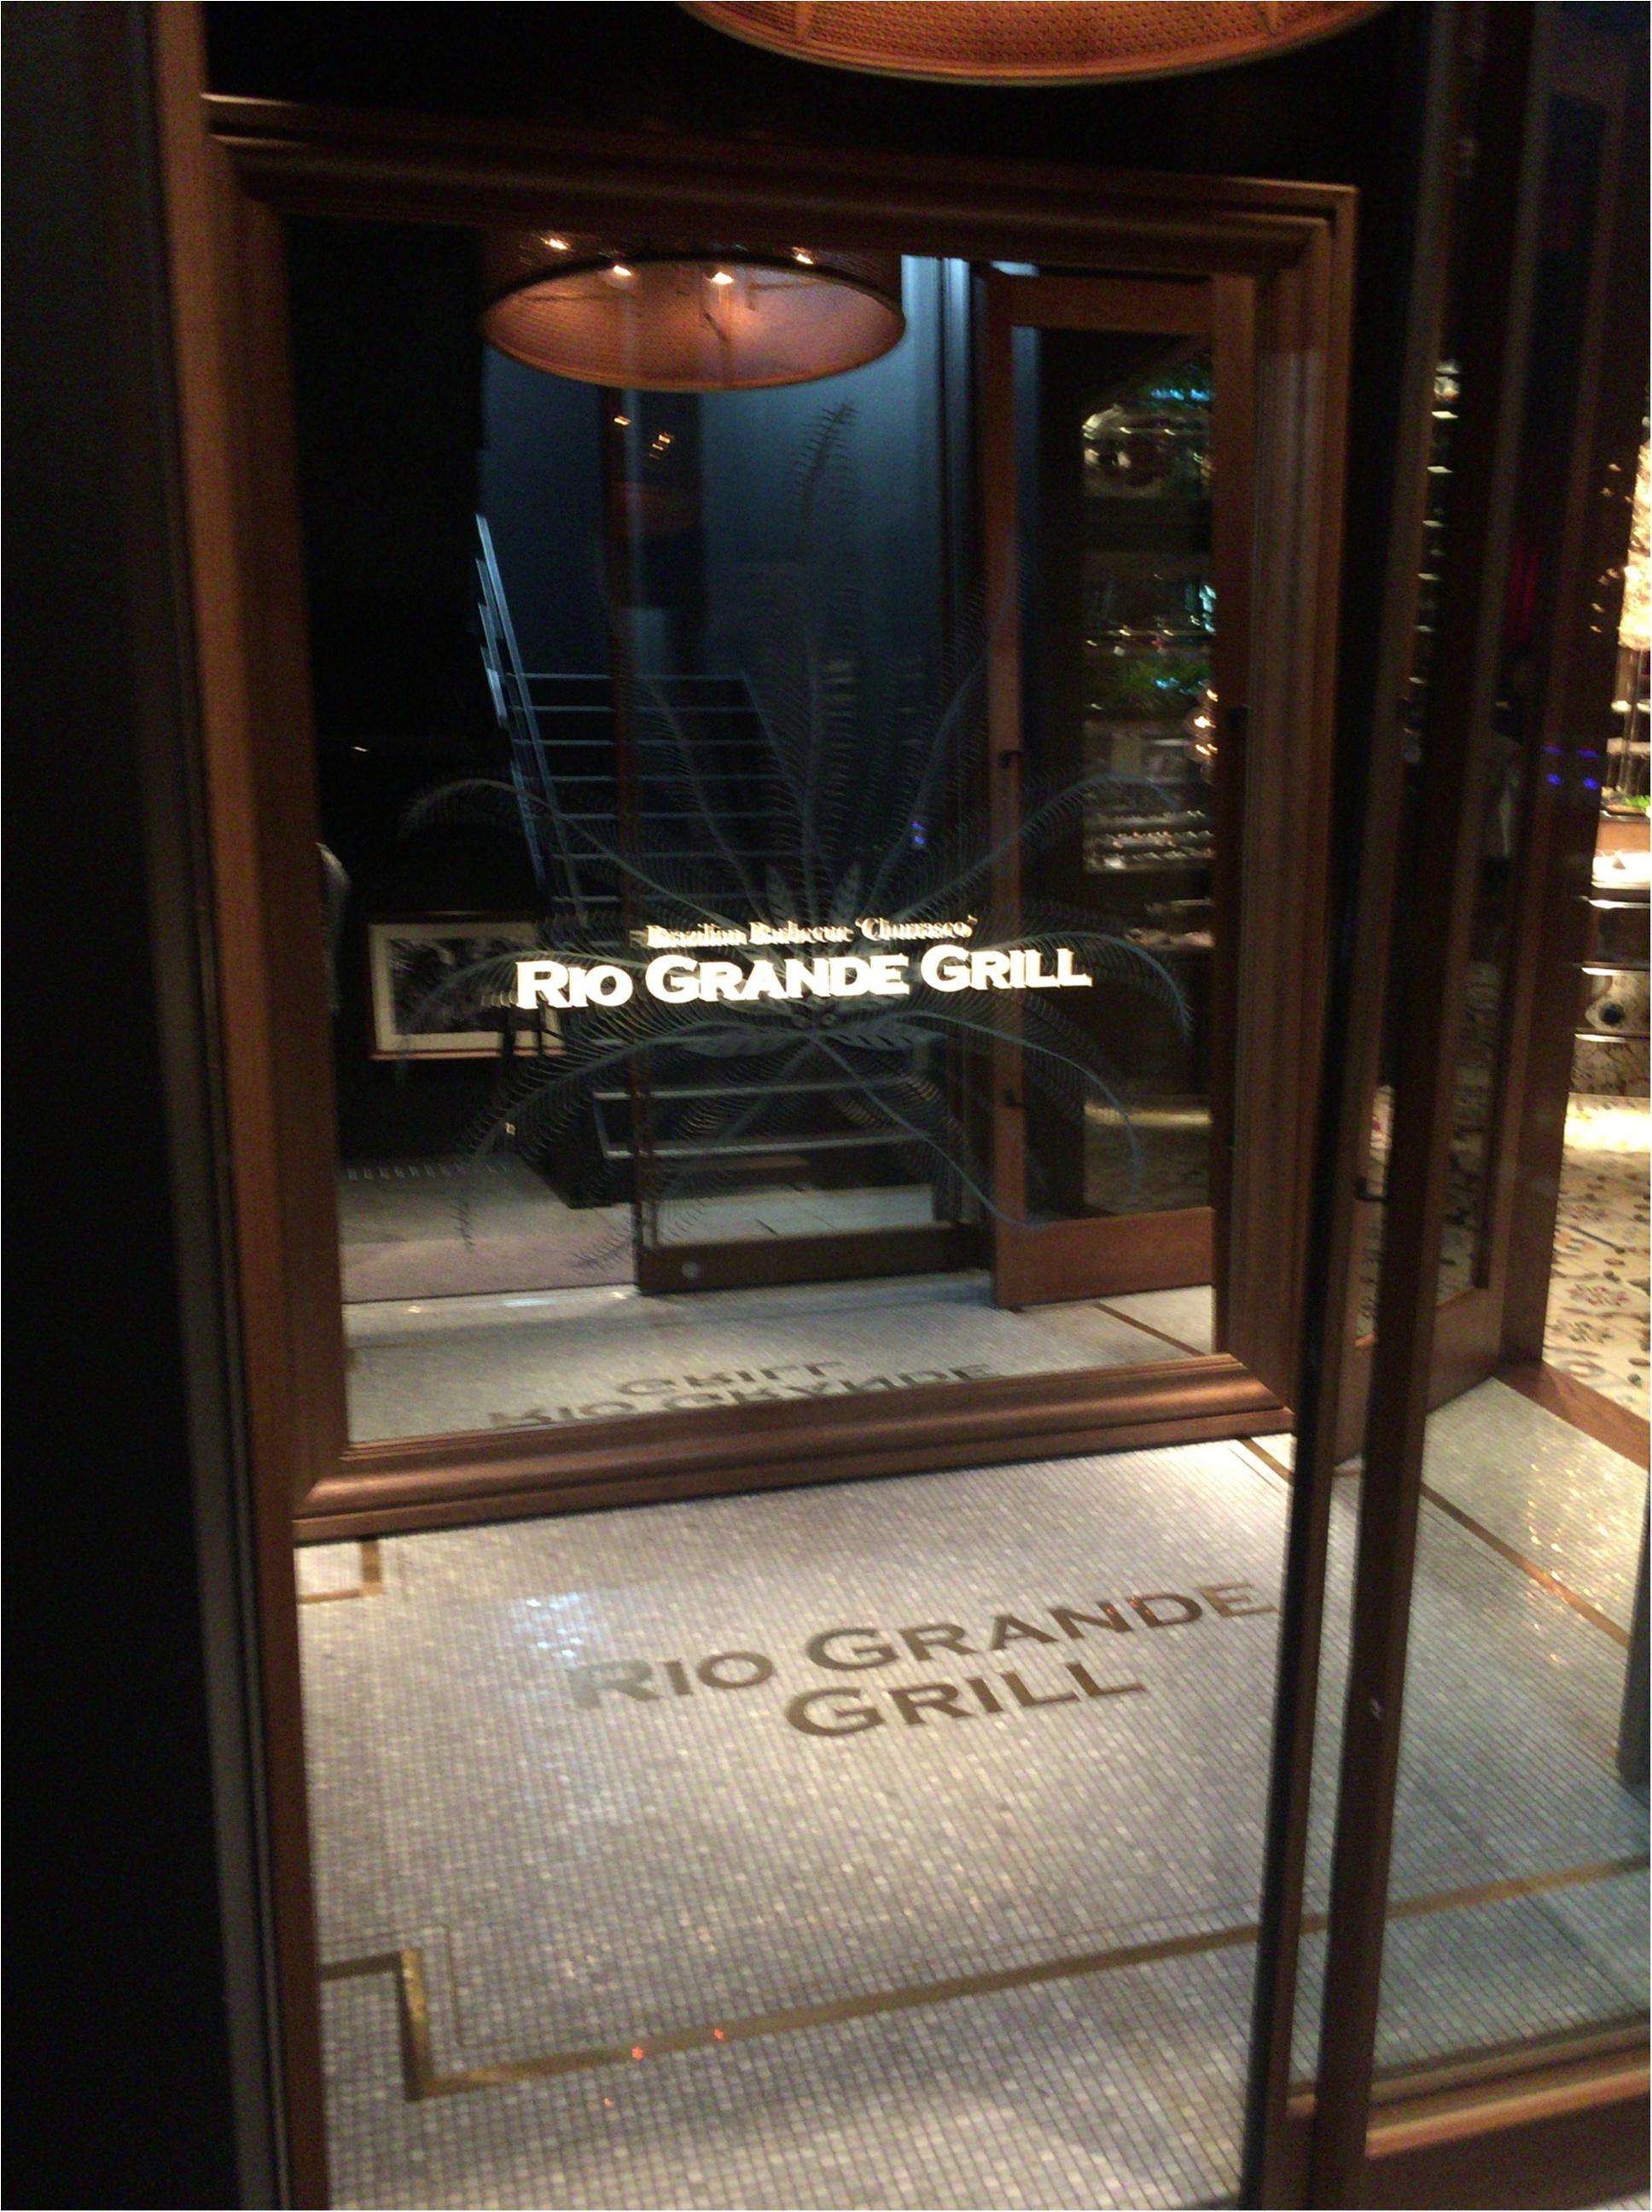 【シュラスコ専門店/RIO GRANDE GRILL】黒毛和牛も好きなだけ♡店内は大人なラグジュアリー空間✨≪samenyan≫_13